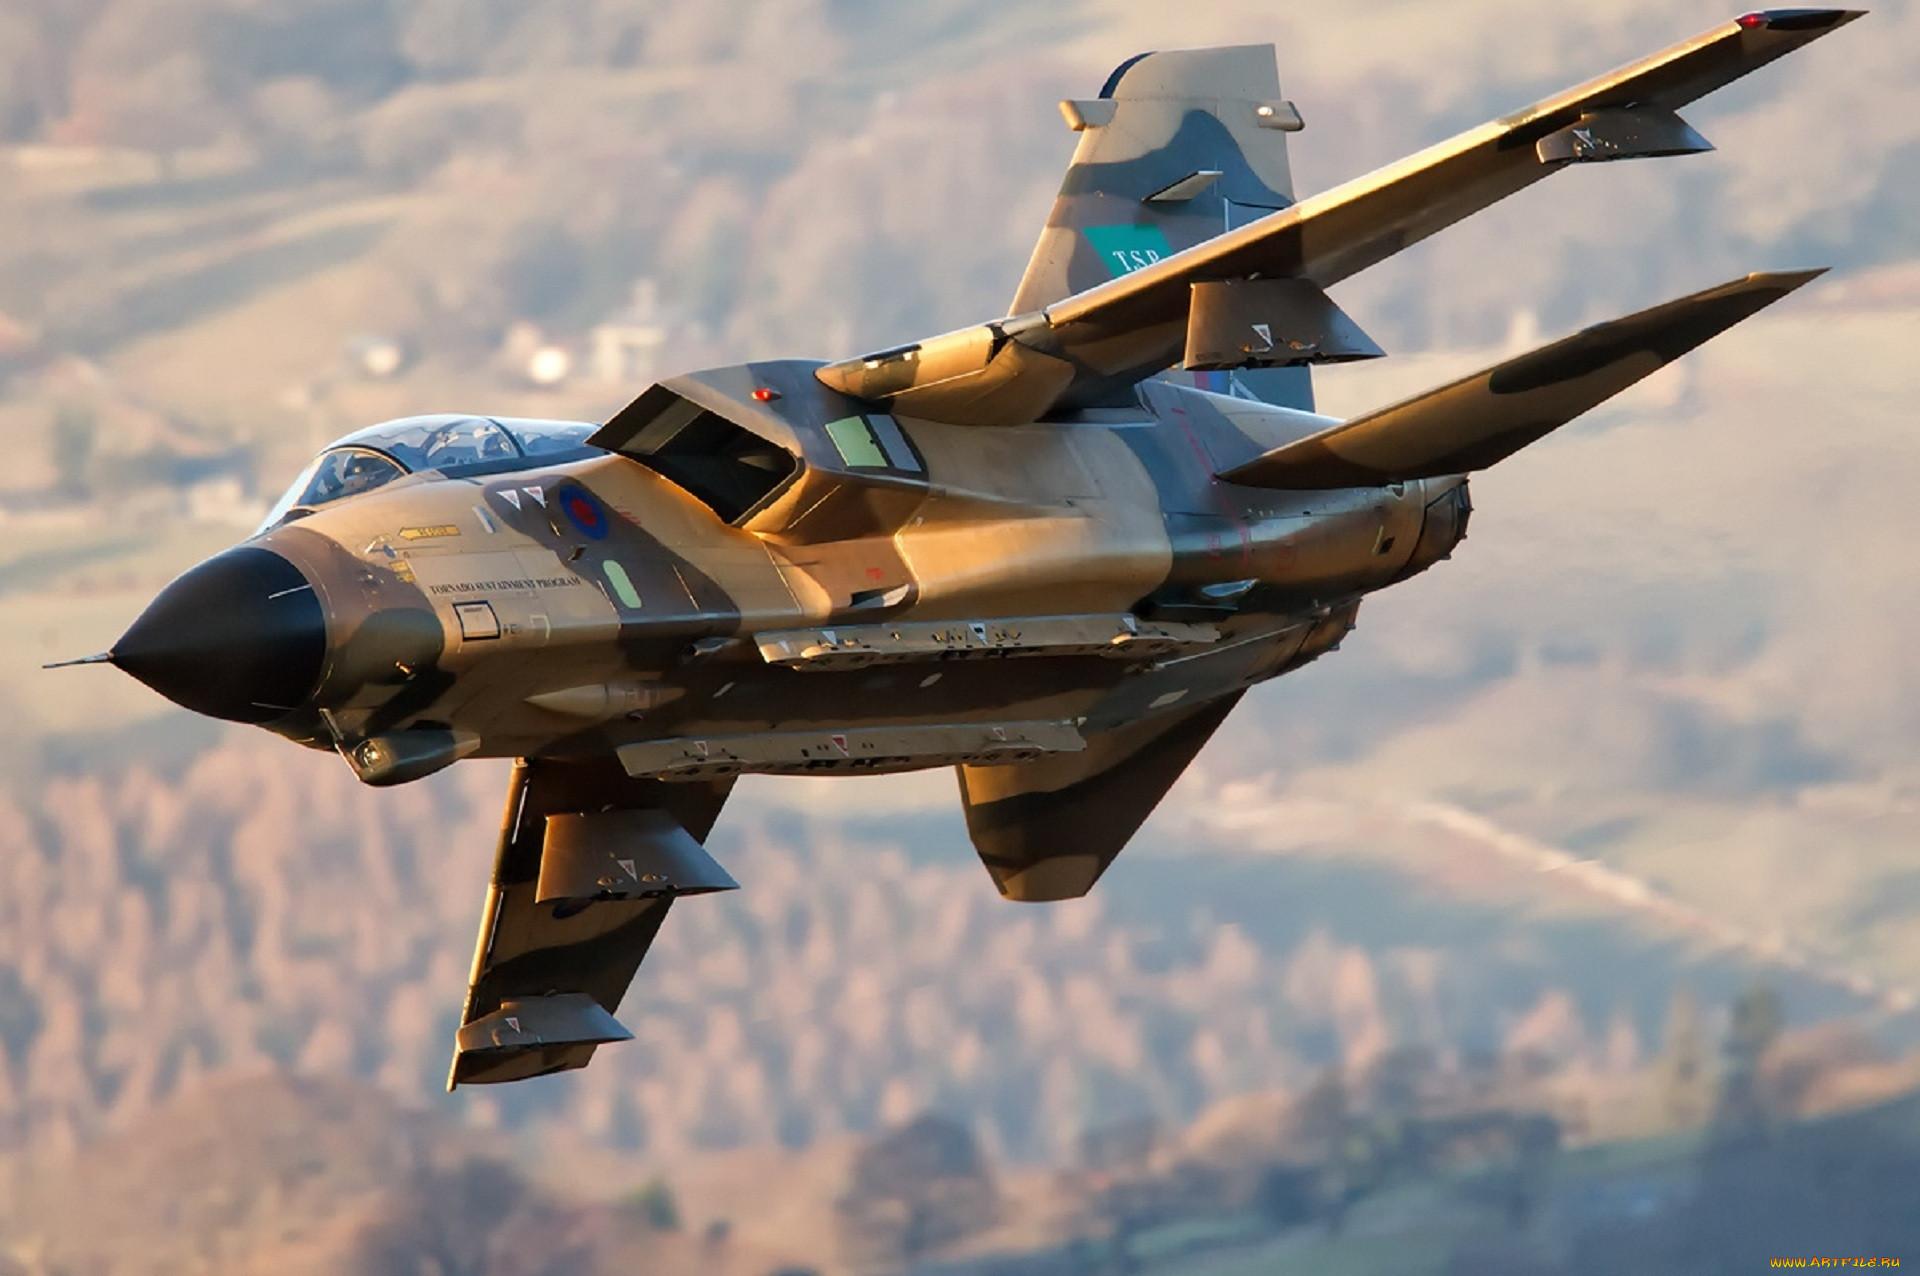 узнать серию самолеты истребители разных стран фото статья